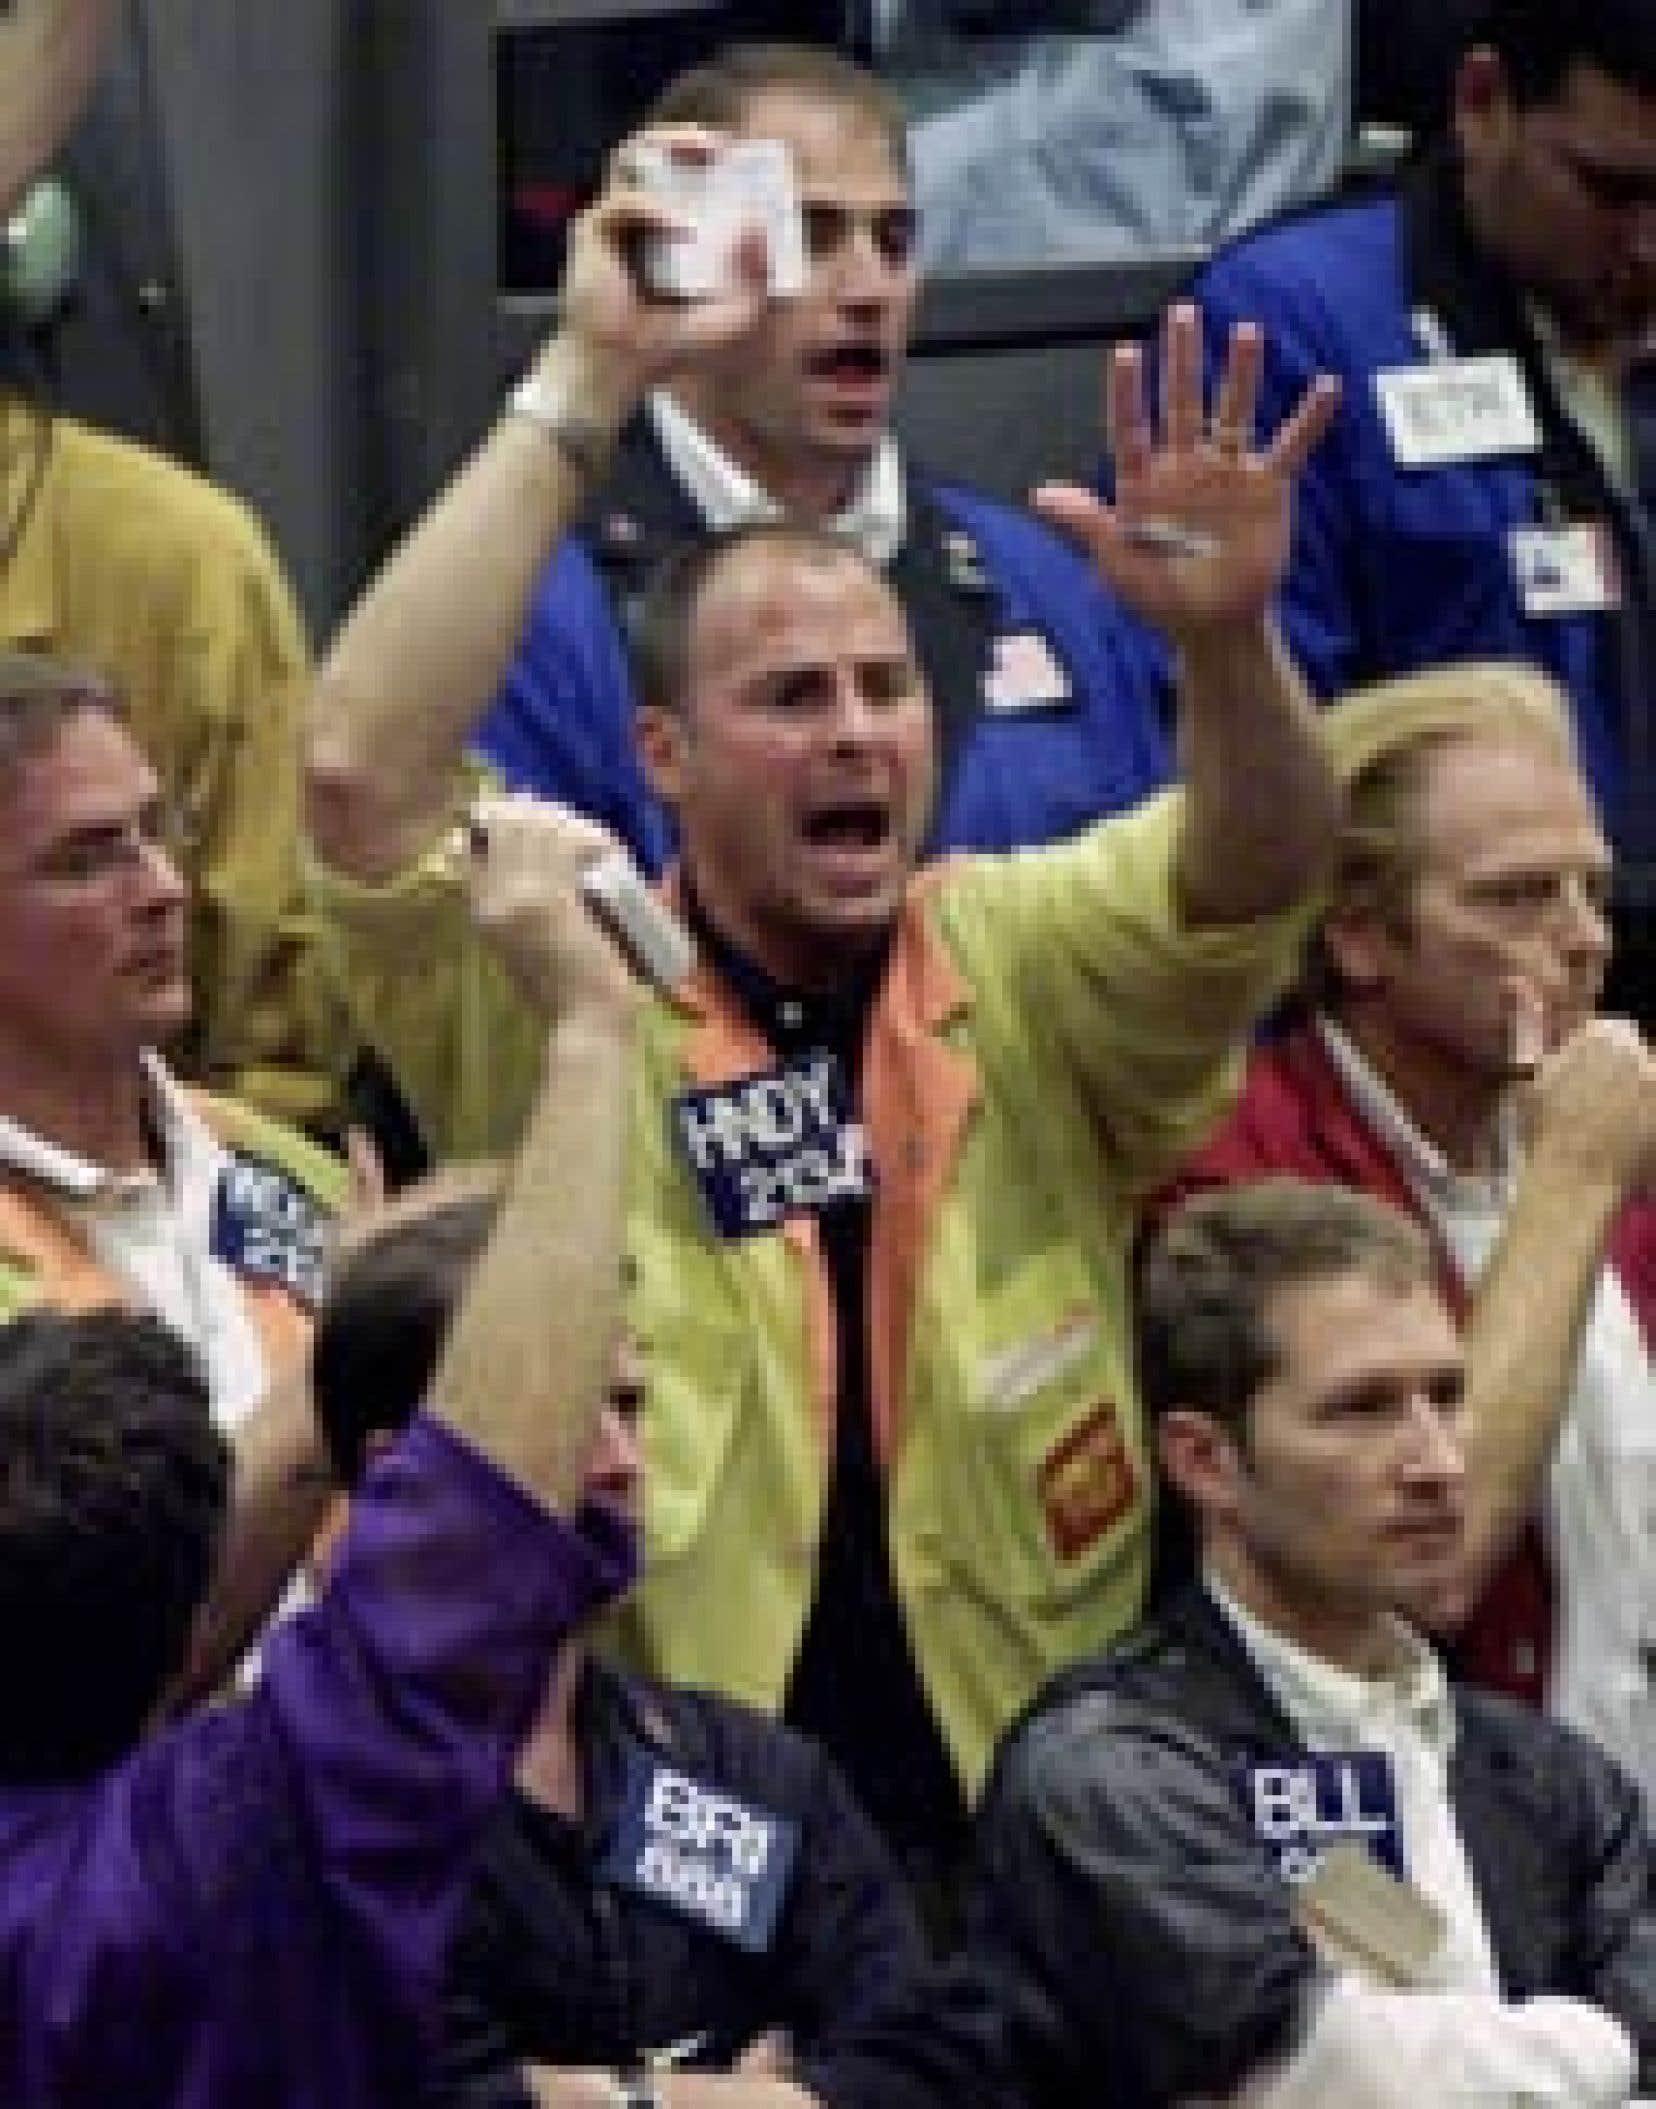 Hier, le Dow Jones a gagné 0,6 % à 8322,40 points et l'indice composite du Nasdaq 1,2 % à 1287,86 points. L'indice Standard and Poor's 500, plus représentatif de la tendance générale, a progressé de 0,6 % à 884,39 points. À Toronto, l'in